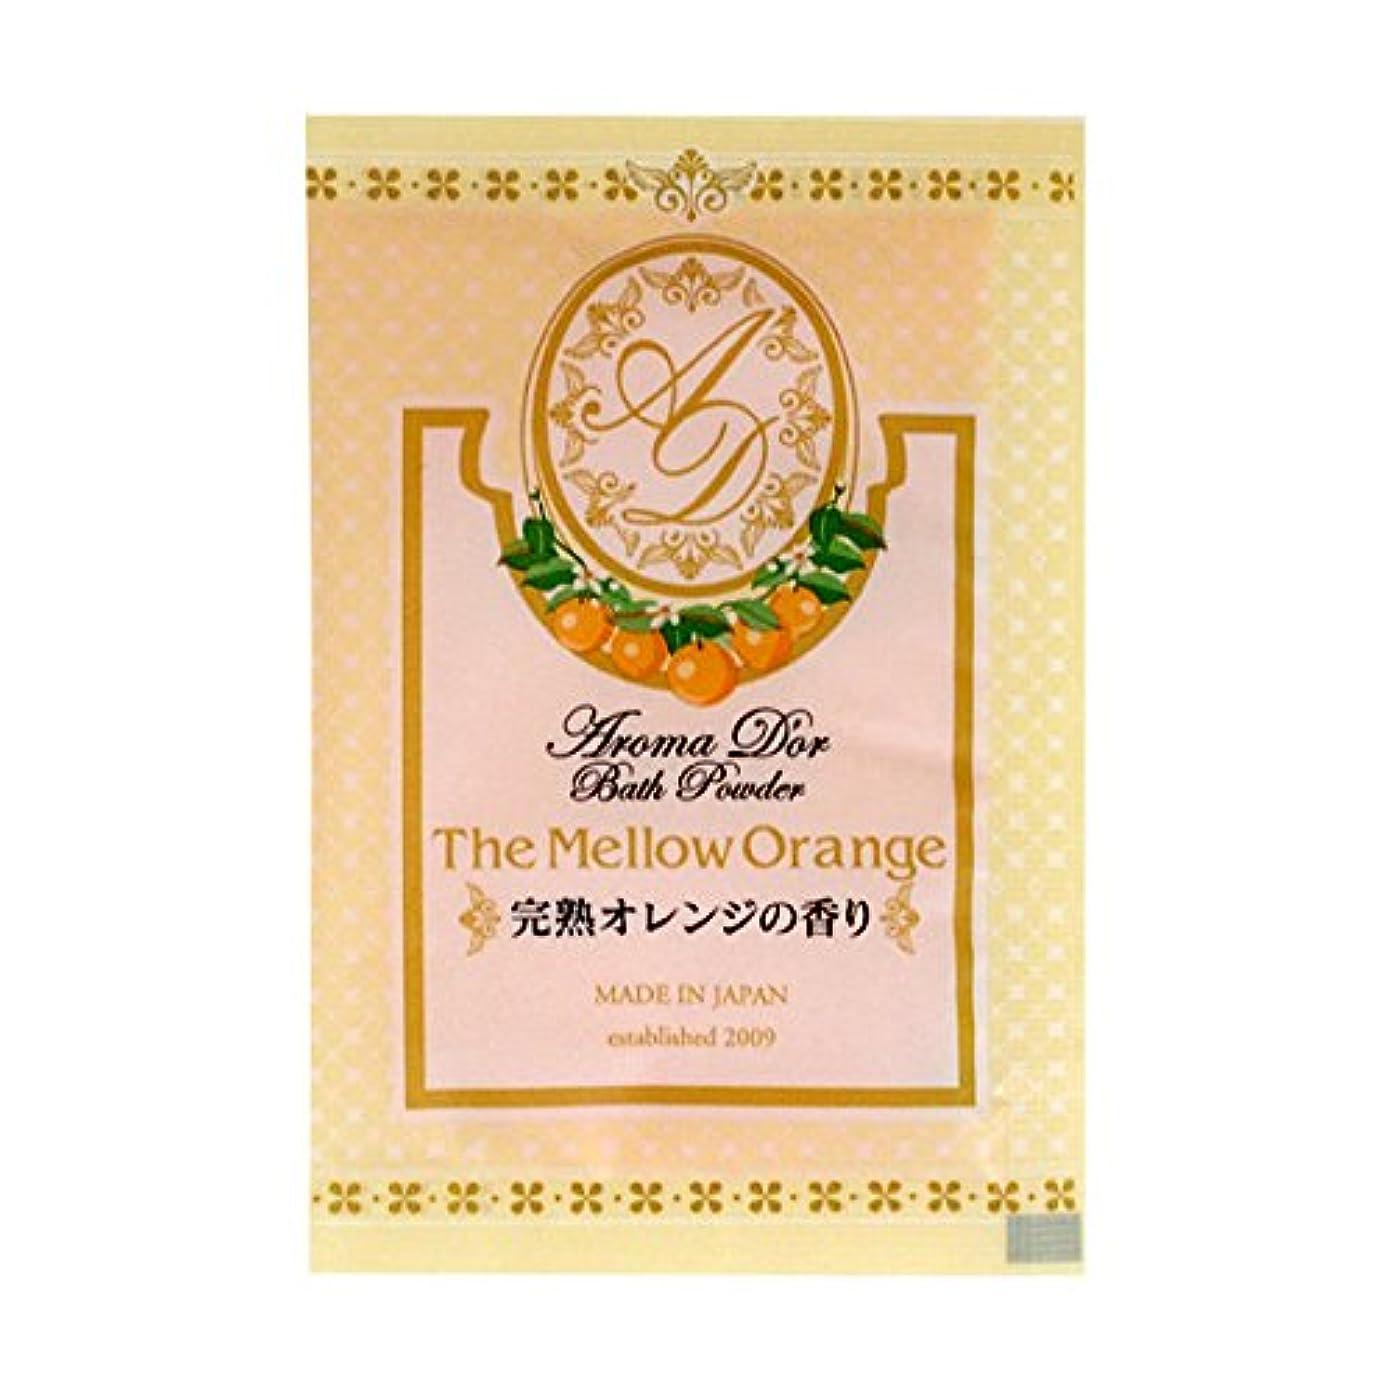 産地花瓶櫛入浴剤 アロマドールバスパウダー 「完熟オレンジの香り」30個